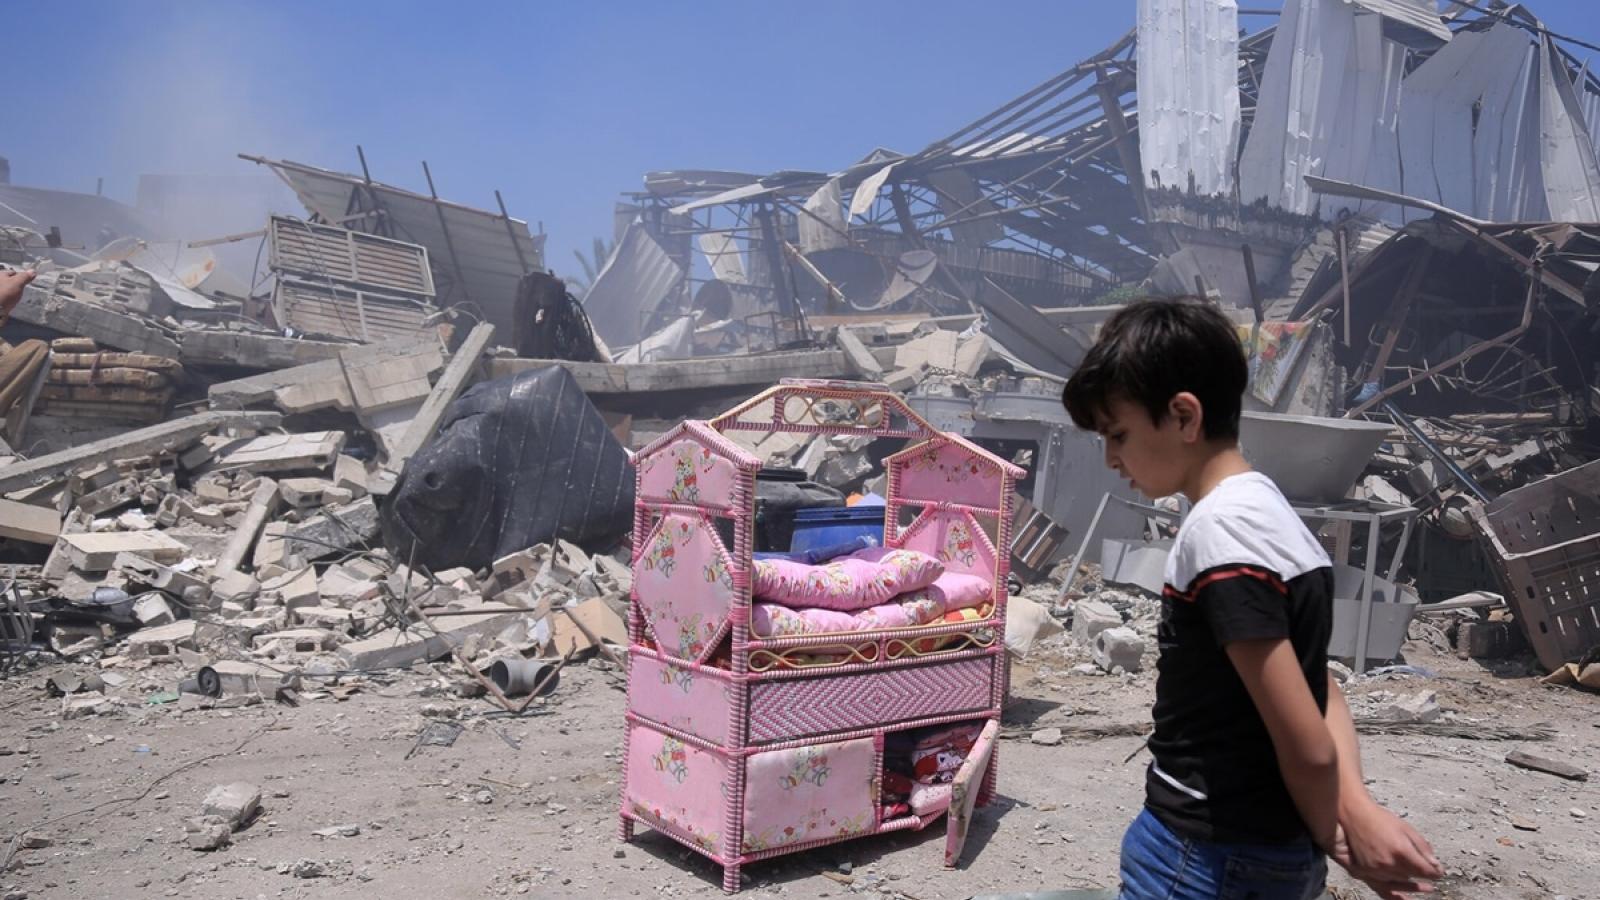 Giao tranh dữ dội giữa Israel-Palestine: Dân thường hứng chịu hậu quả nặng nề